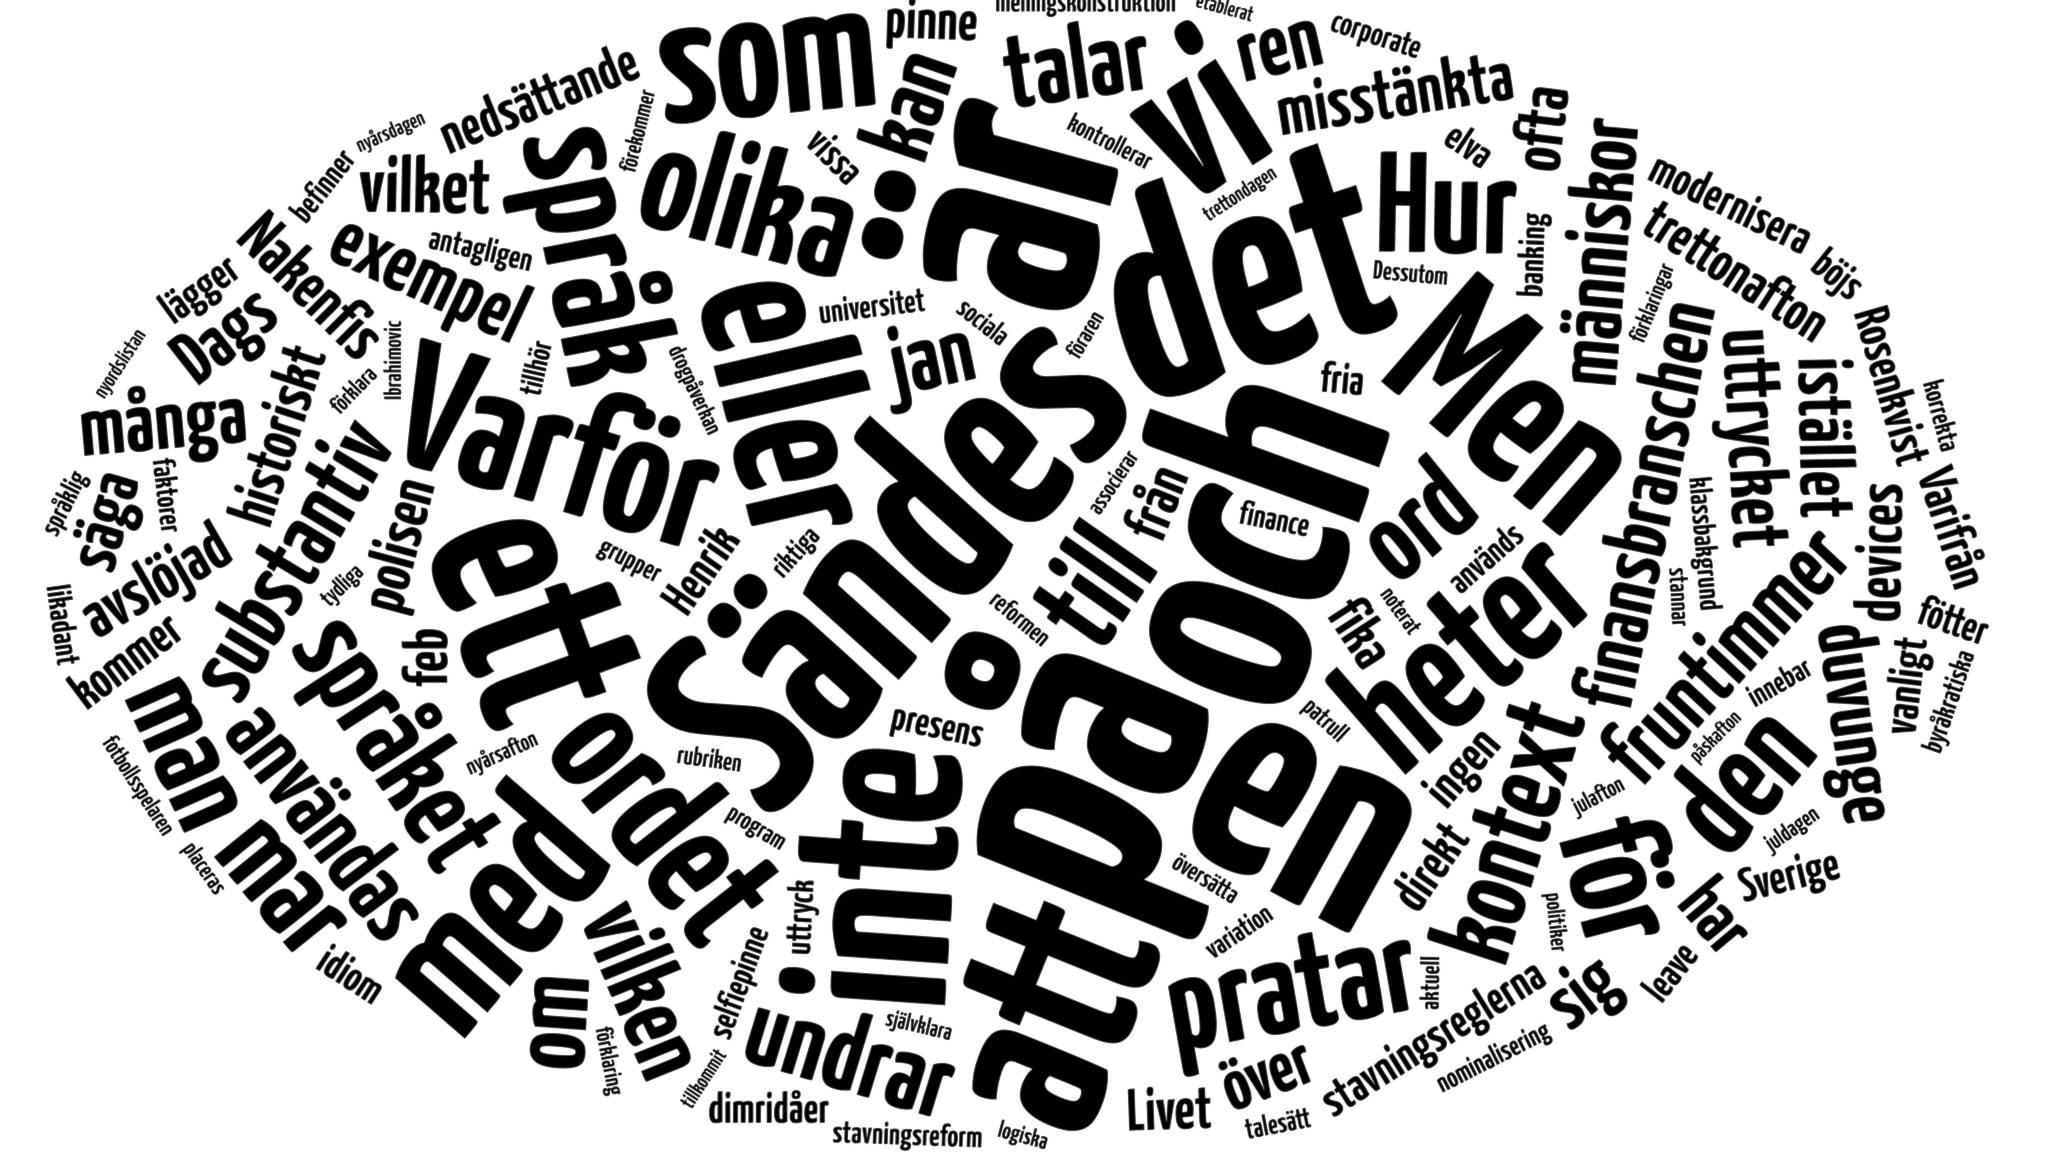 Hur många ord finns det i svenska språket  5 maj 2015 kl 13.35 - Språket  7acebf5b91d20